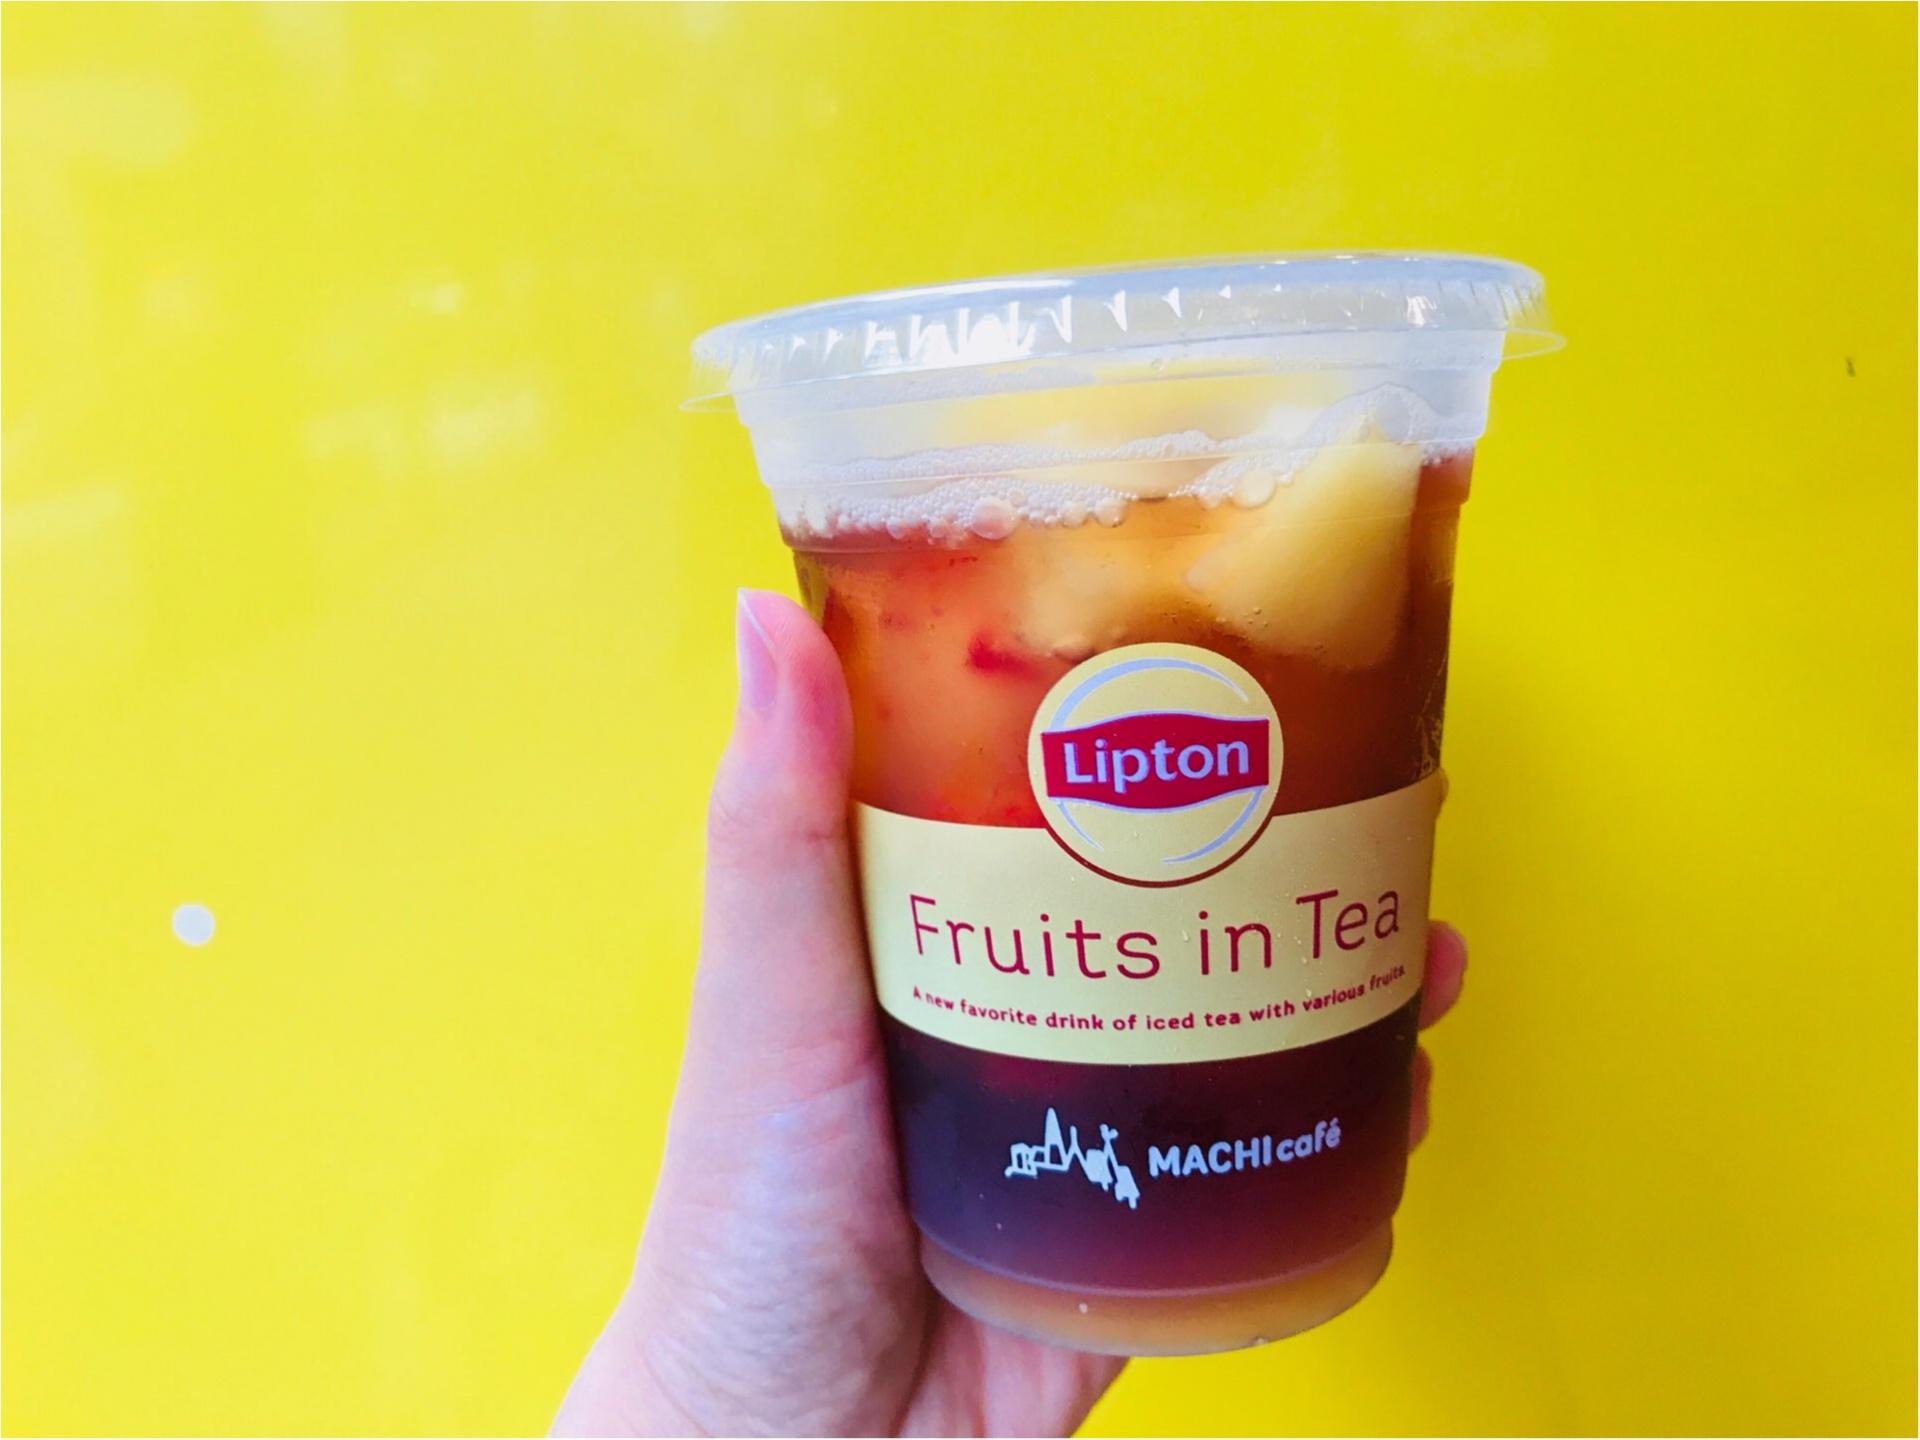 【ローソン】今夏ラストチャンス!大ヒット商品《Fruits in Tea》が再再販売スタート★_1